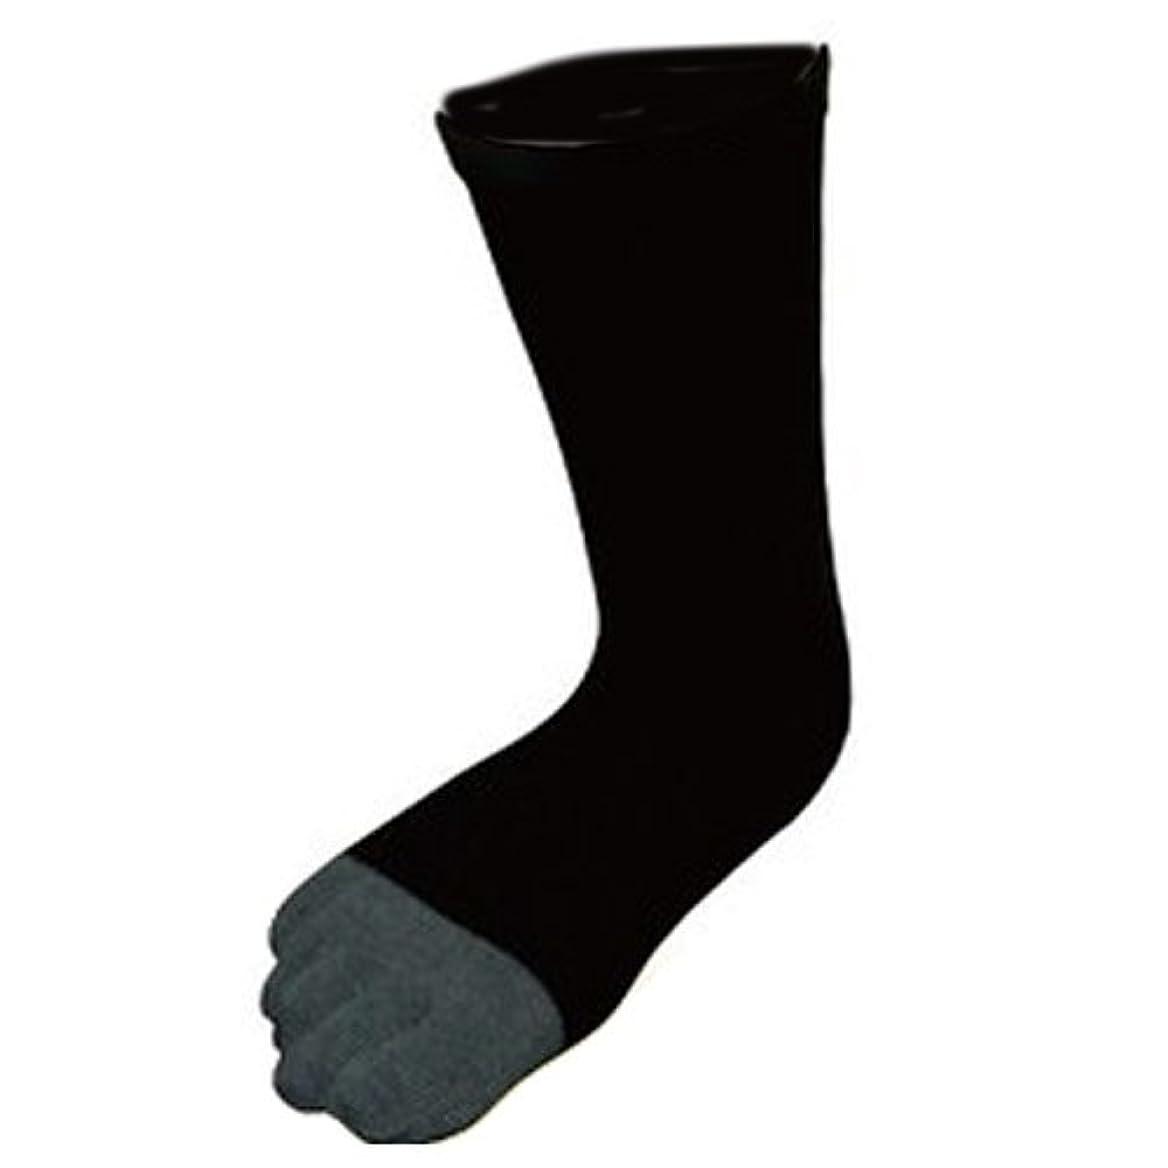 蒸発する専門用語従事した指先まであったか靴下 紳士用 グレー